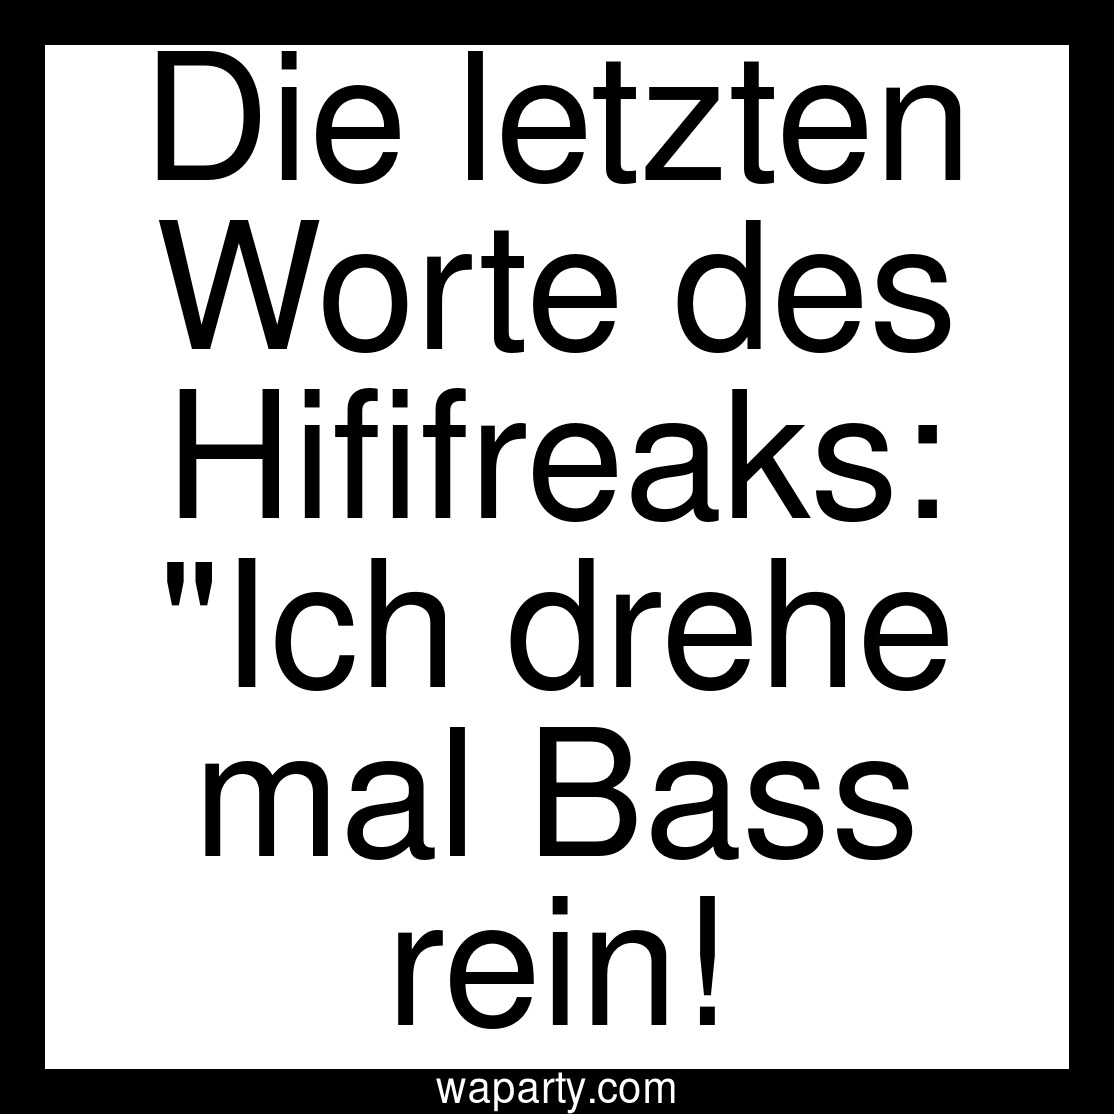 Die letzten Worte des Hififreaks: Ich drehe mal Bass rein!